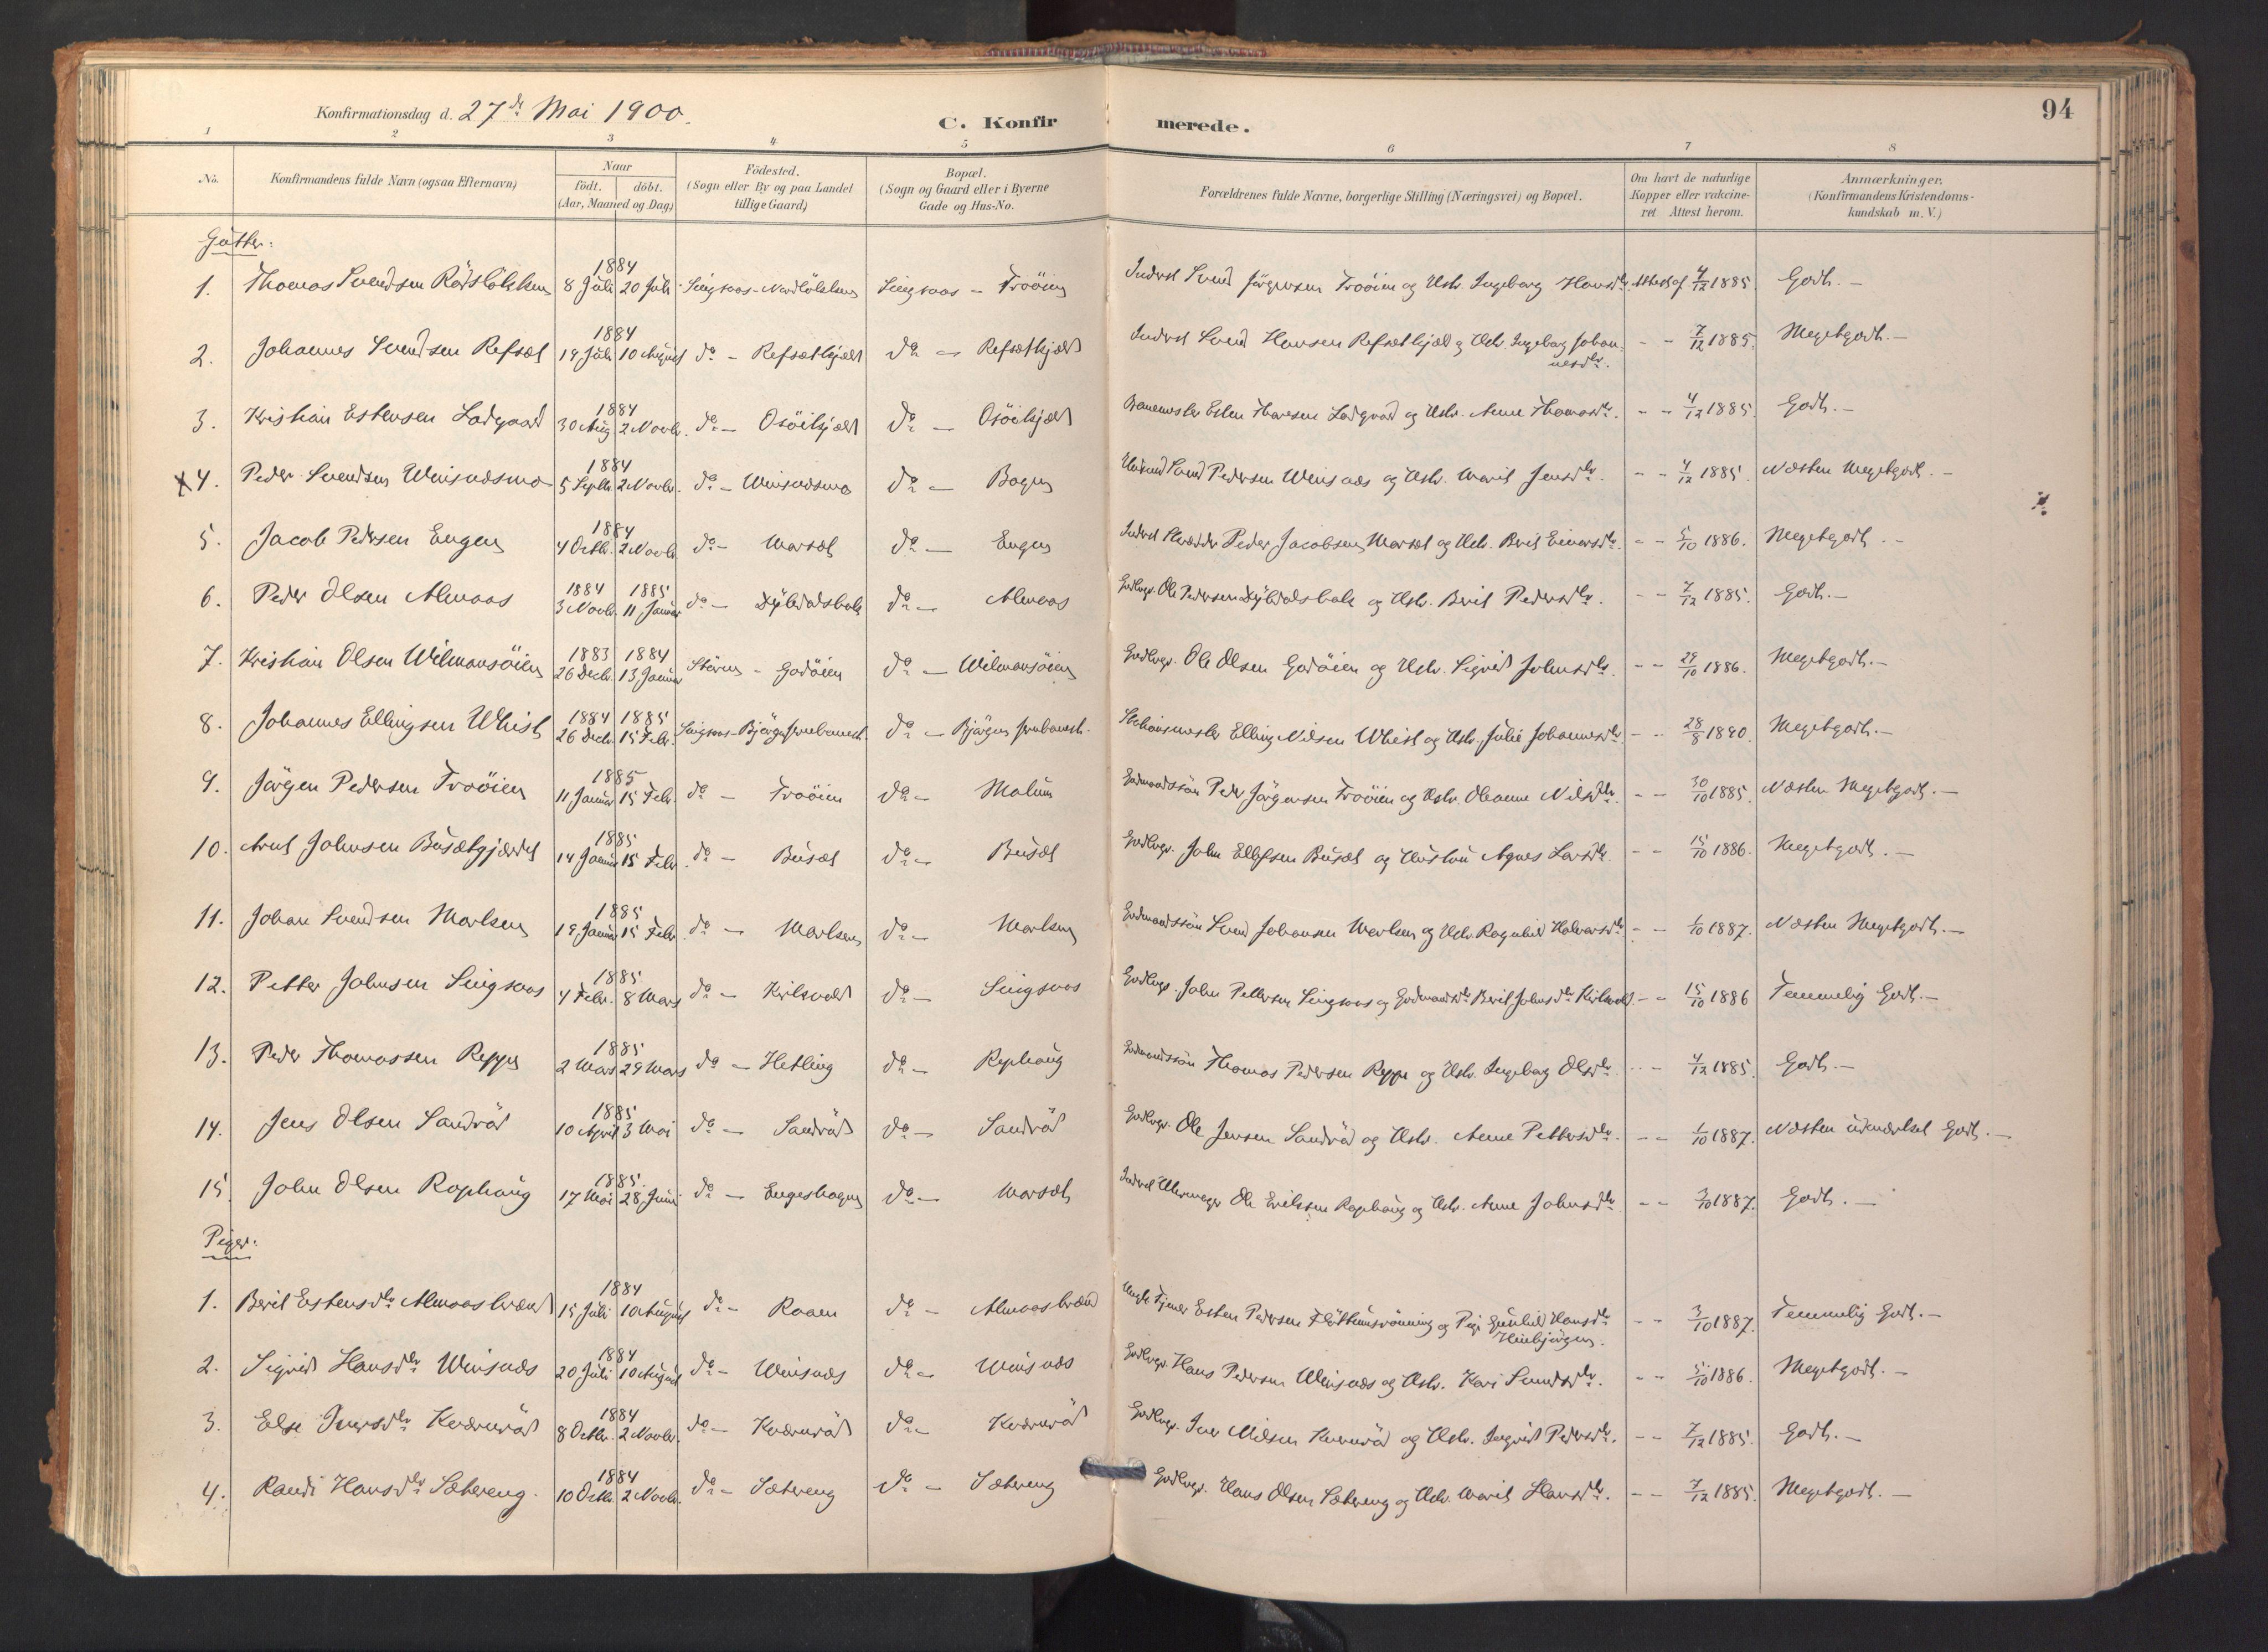 SAT, Ministerialprotokoller, klokkerbøker og fødselsregistre - Sør-Trøndelag, 688/L1025: Ministerialbok nr. 688A02, 1891-1909, s. 94